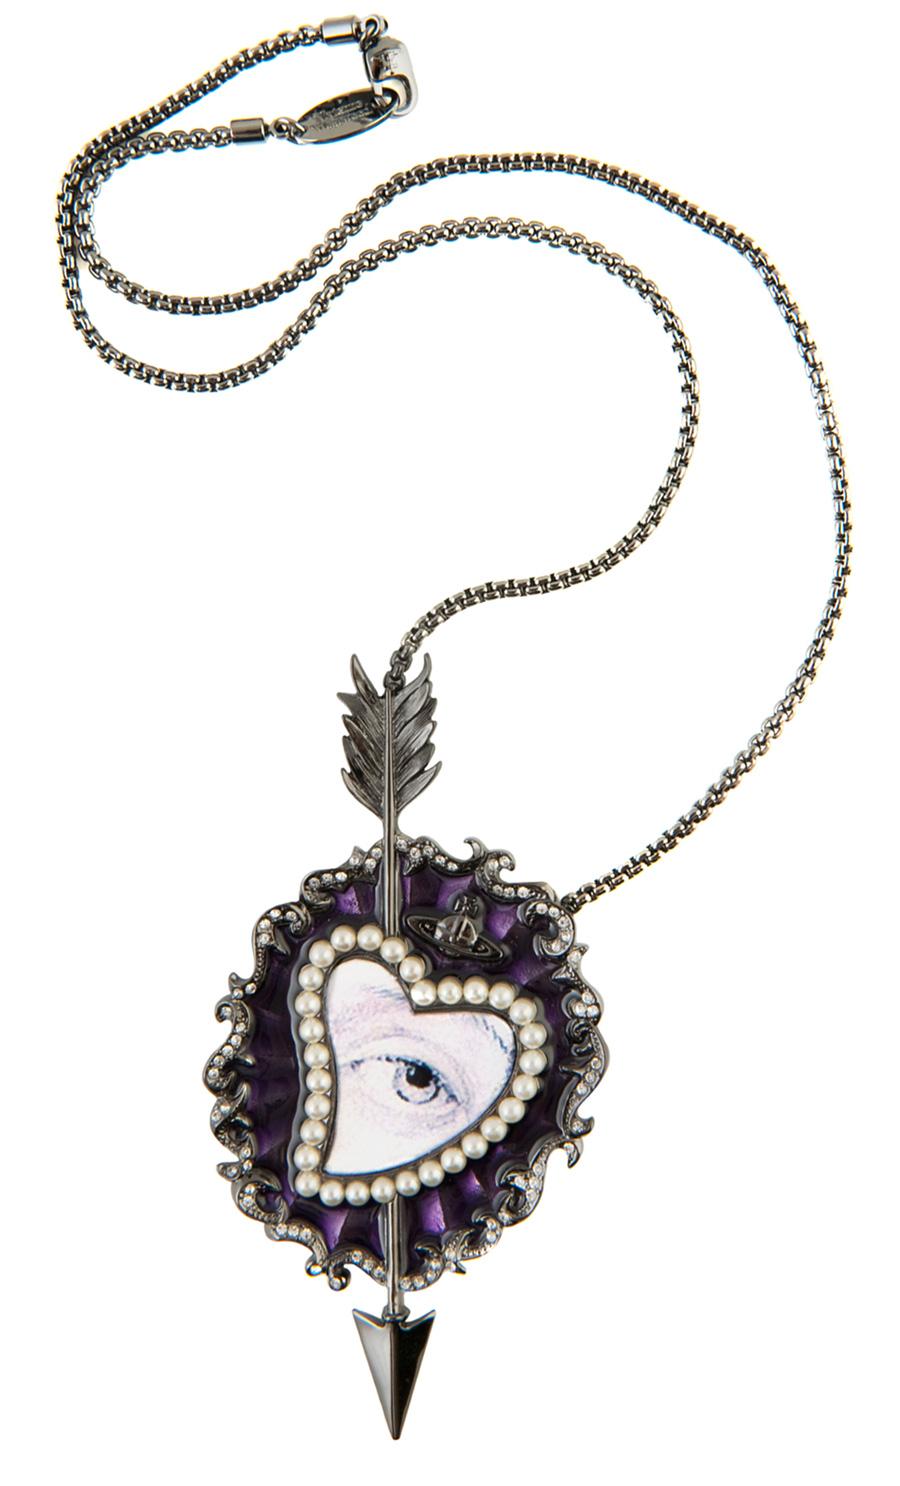 Zaha Hadid Jewelry Swarovski When Architecture Met Fashion